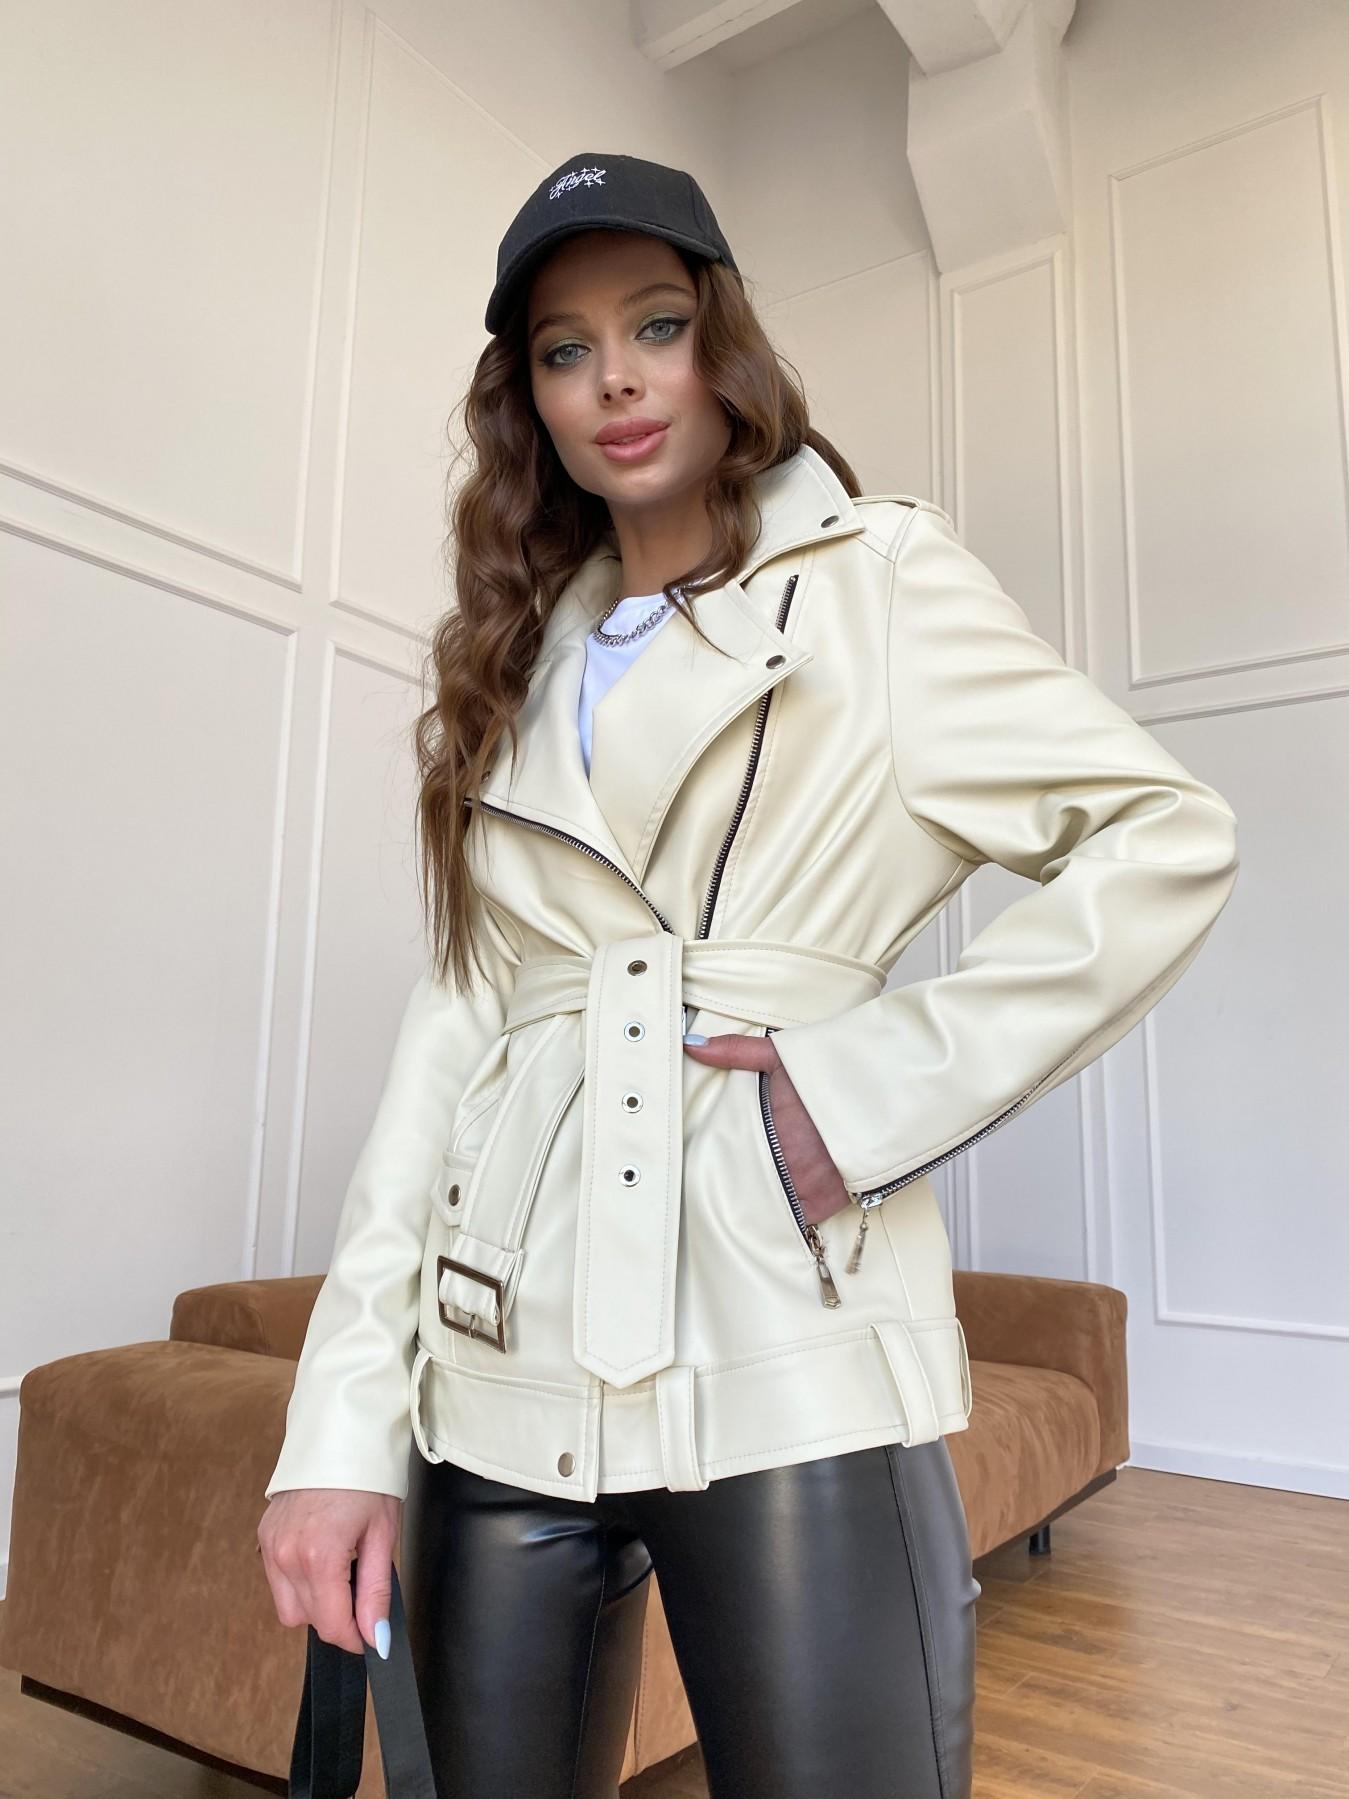 Босс куртка из экокожи прокатанной  11173 АРТ. 47771 Цвет: Бежевый Светлый - фото 9, интернет магазин tm-modus.ru